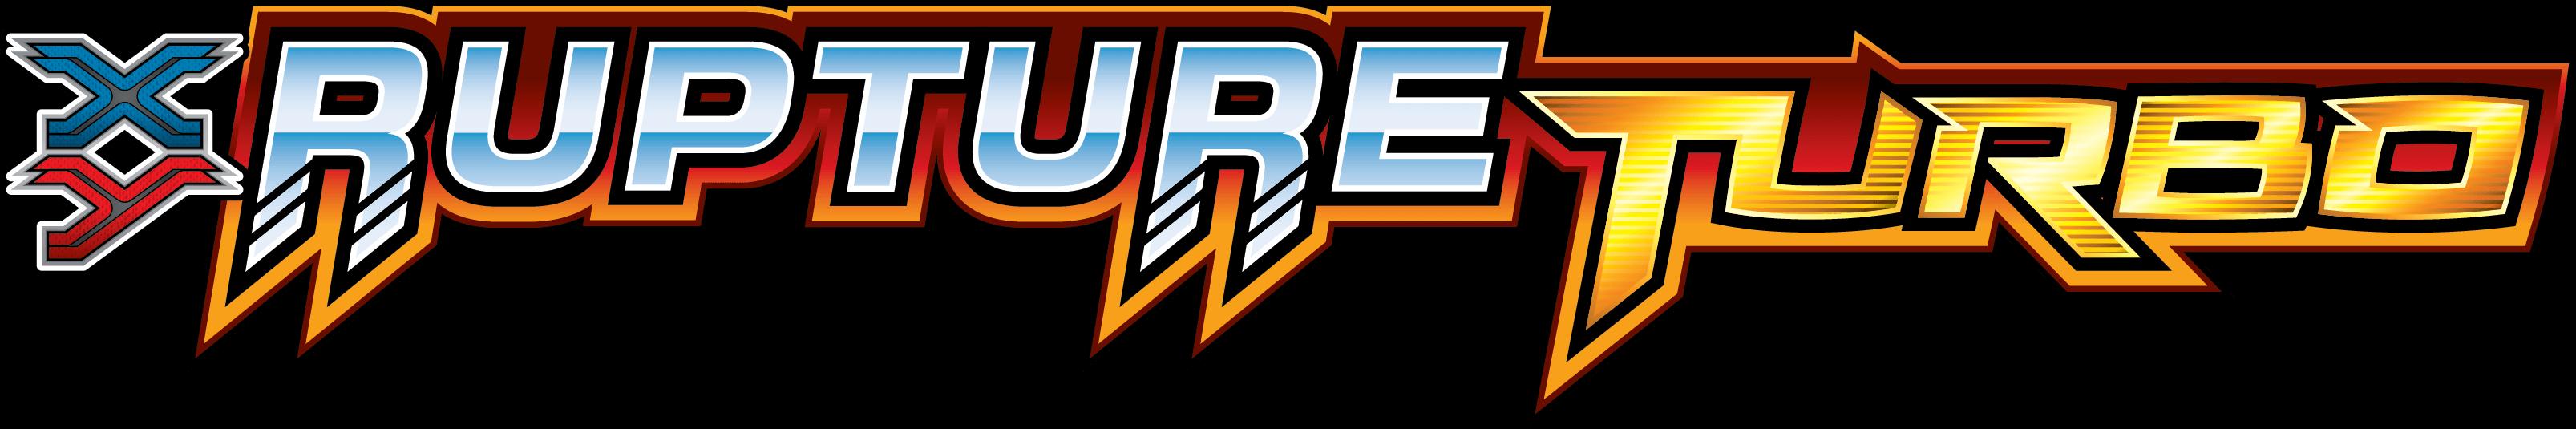 Cartes Pokémon Rupture Turbo en vente au meilleur prix